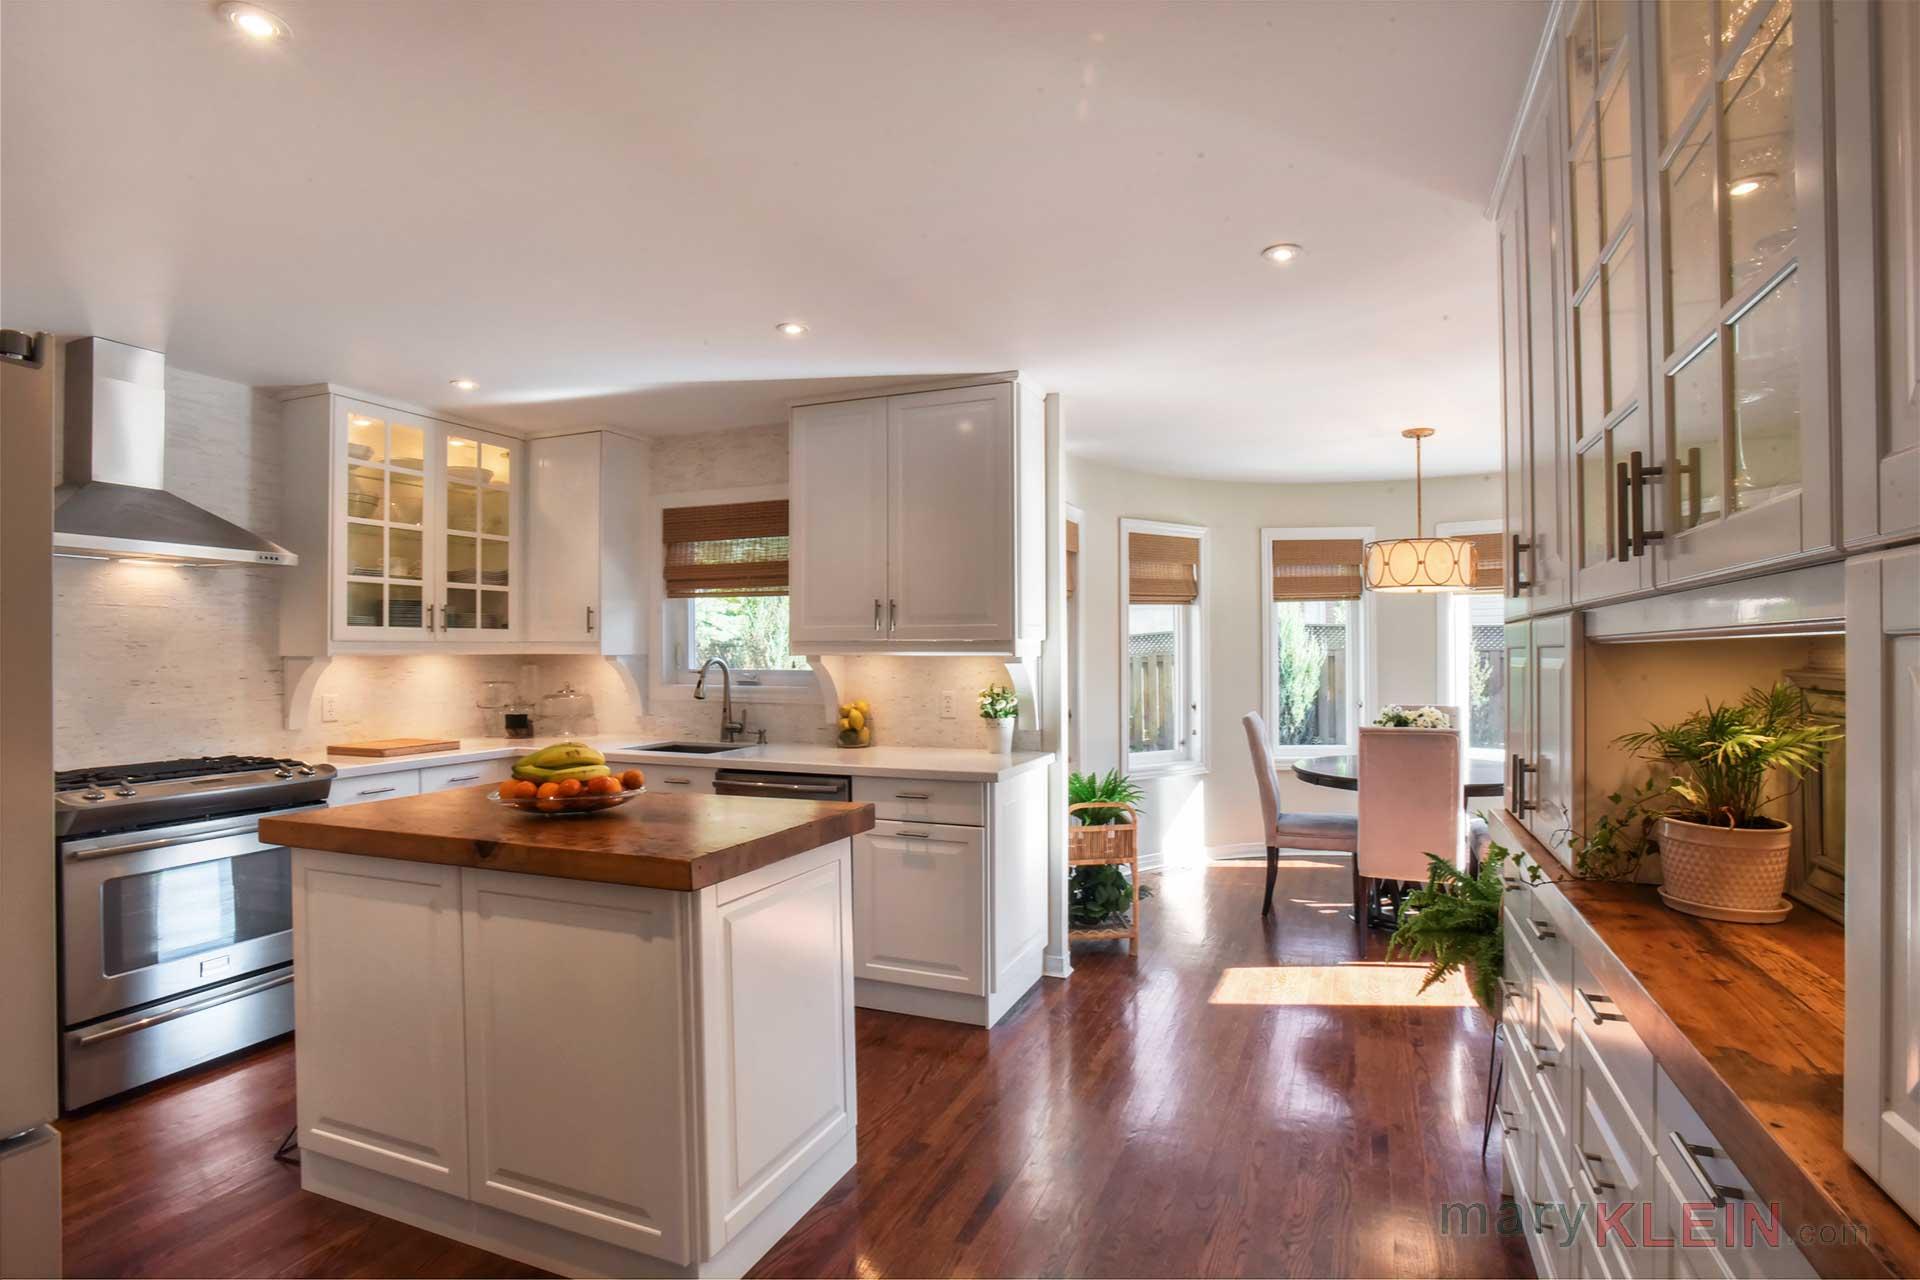 Renovated Kitchen, Quartz Countertops, Pot LIghting